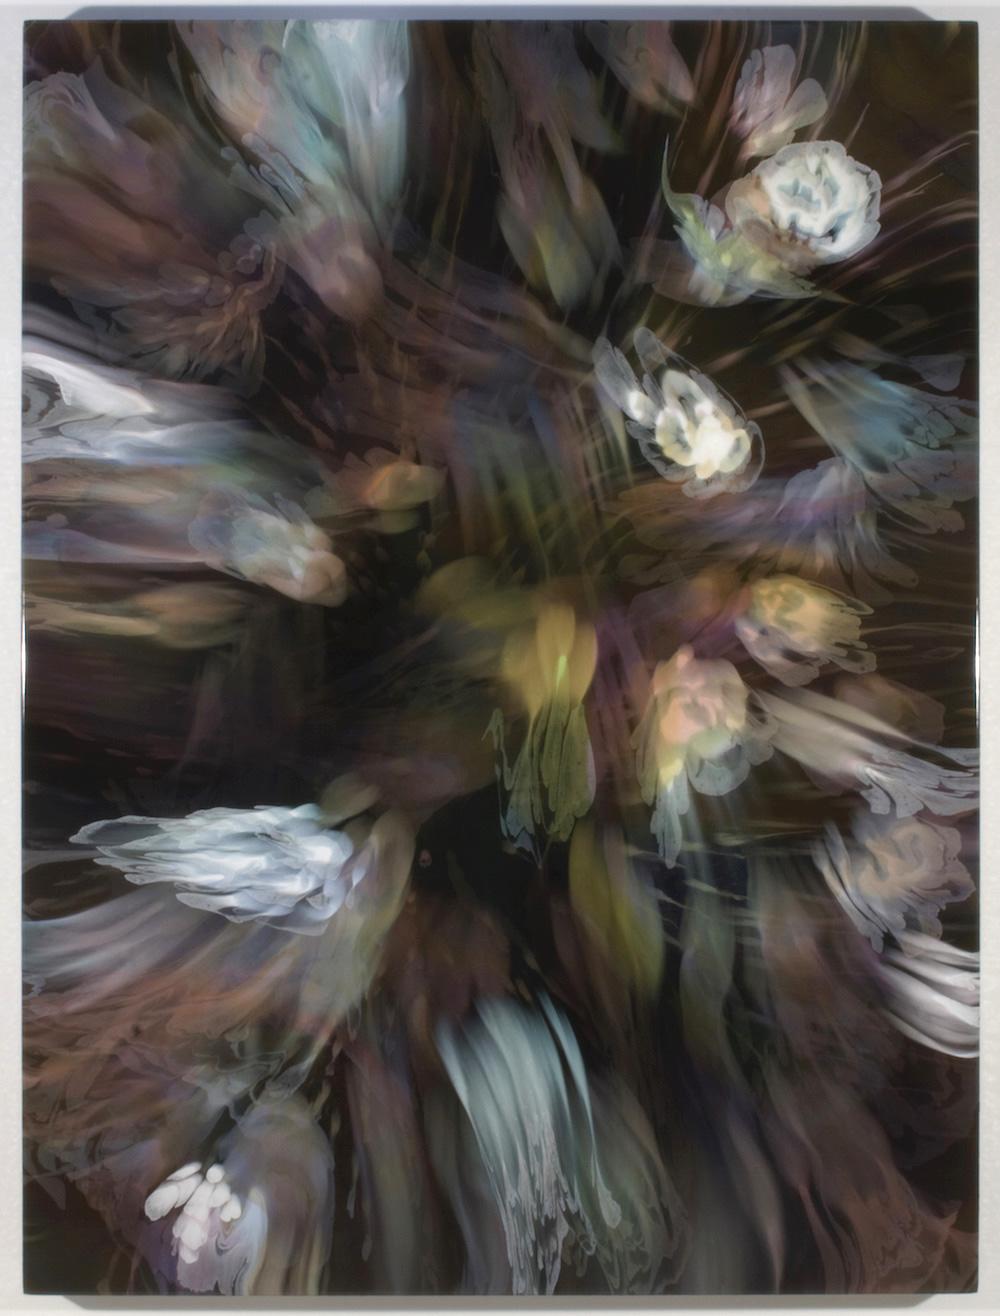 François Lacasse, Grande échappée VI, 2019, acrylique et encre sur toile, 162,6 x 121,9 cm